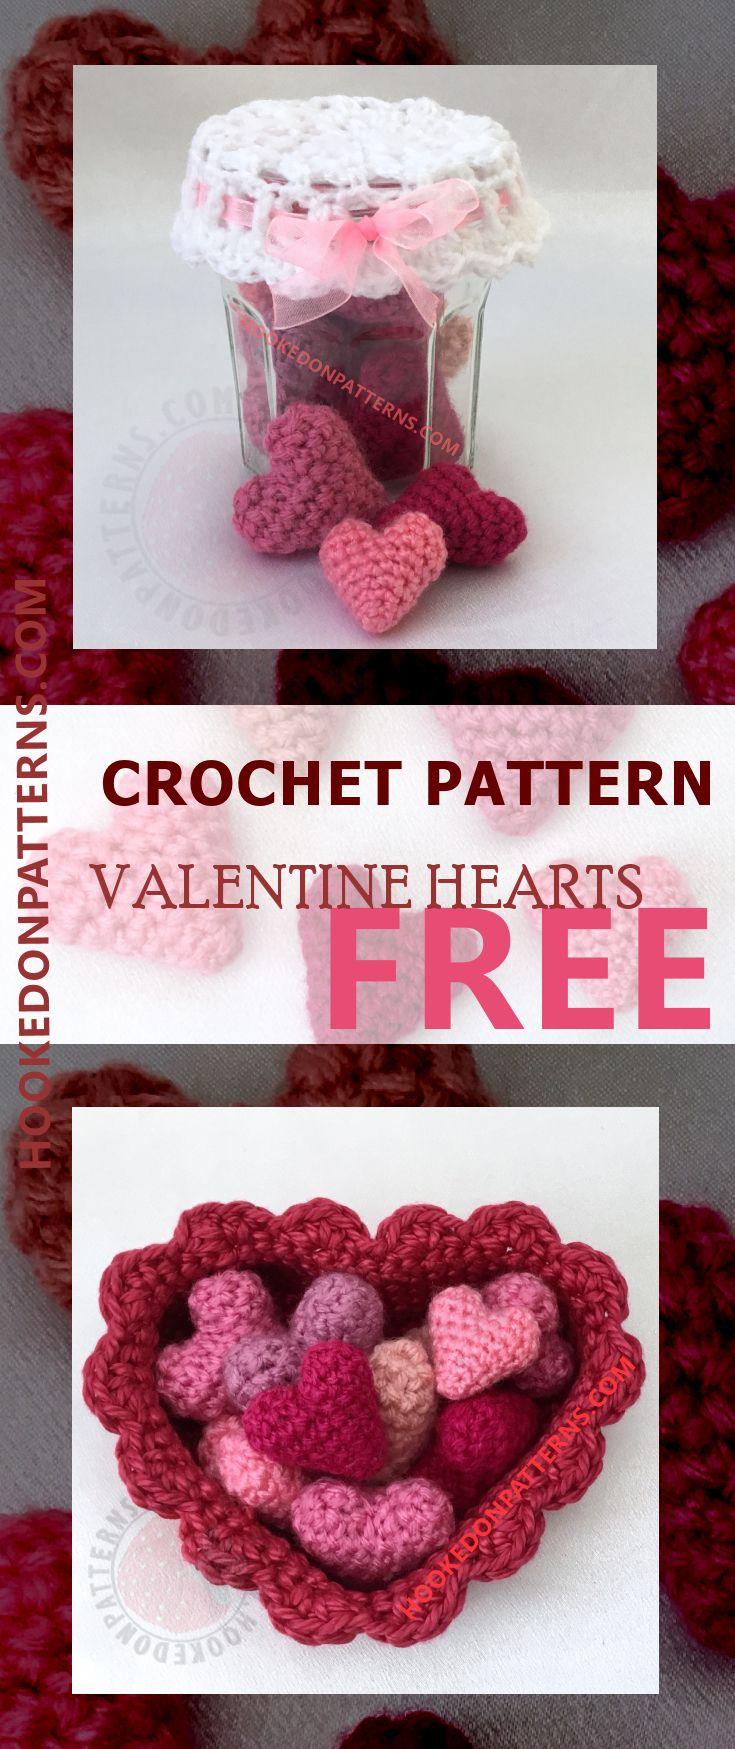 Free Crochet Hearts Pattern Jar Of Hearts Crochet Pinterest